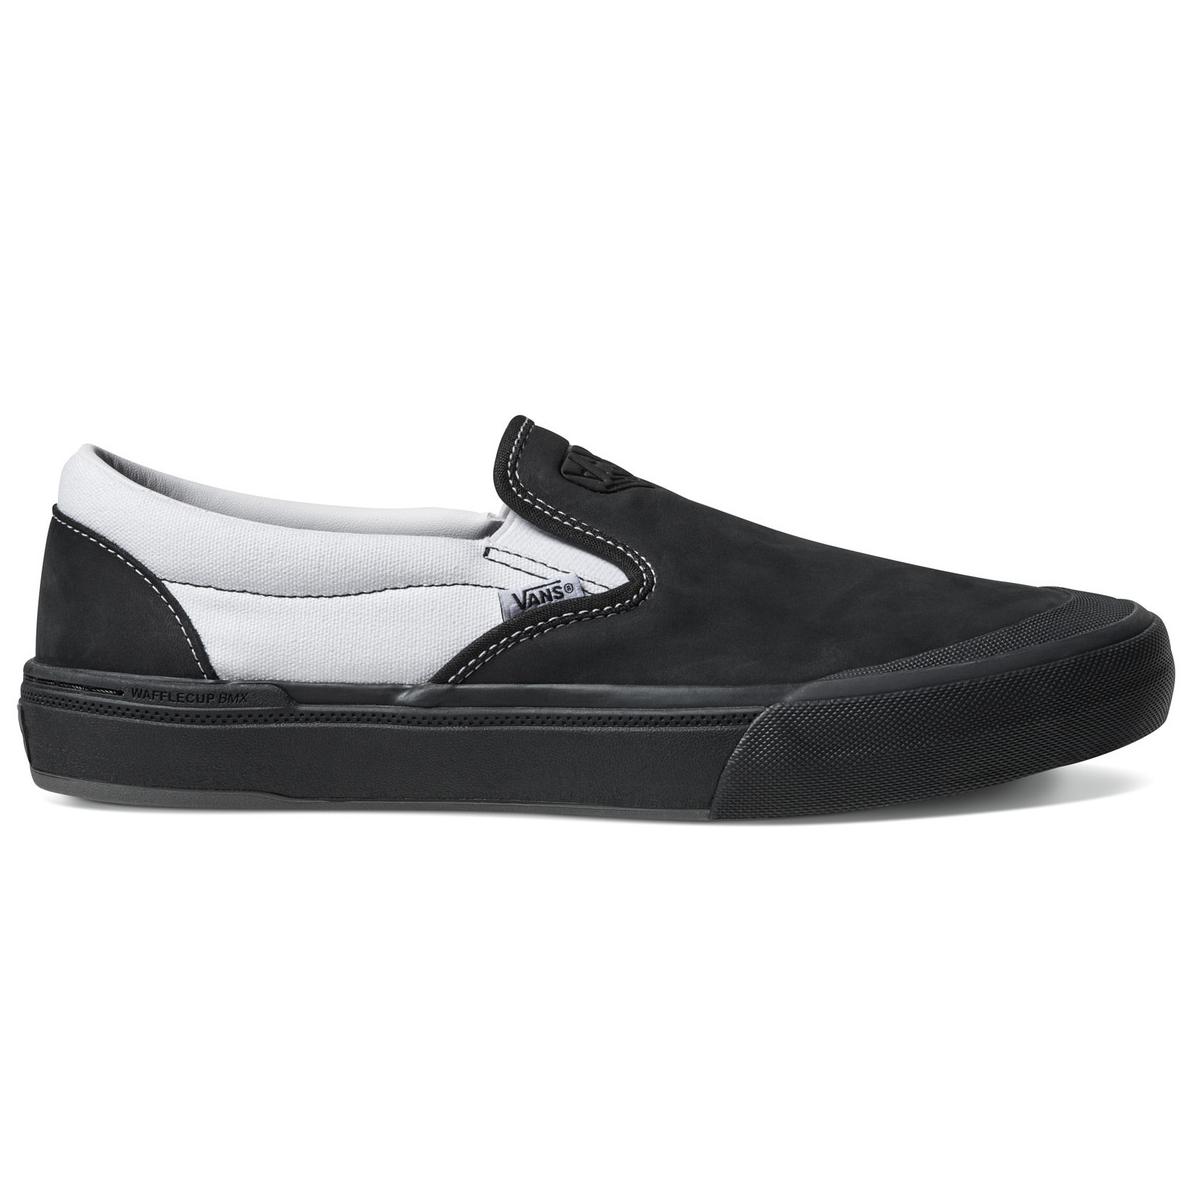 Vans BMX Slip-On Shoe - (Dakota Roche) Black/White